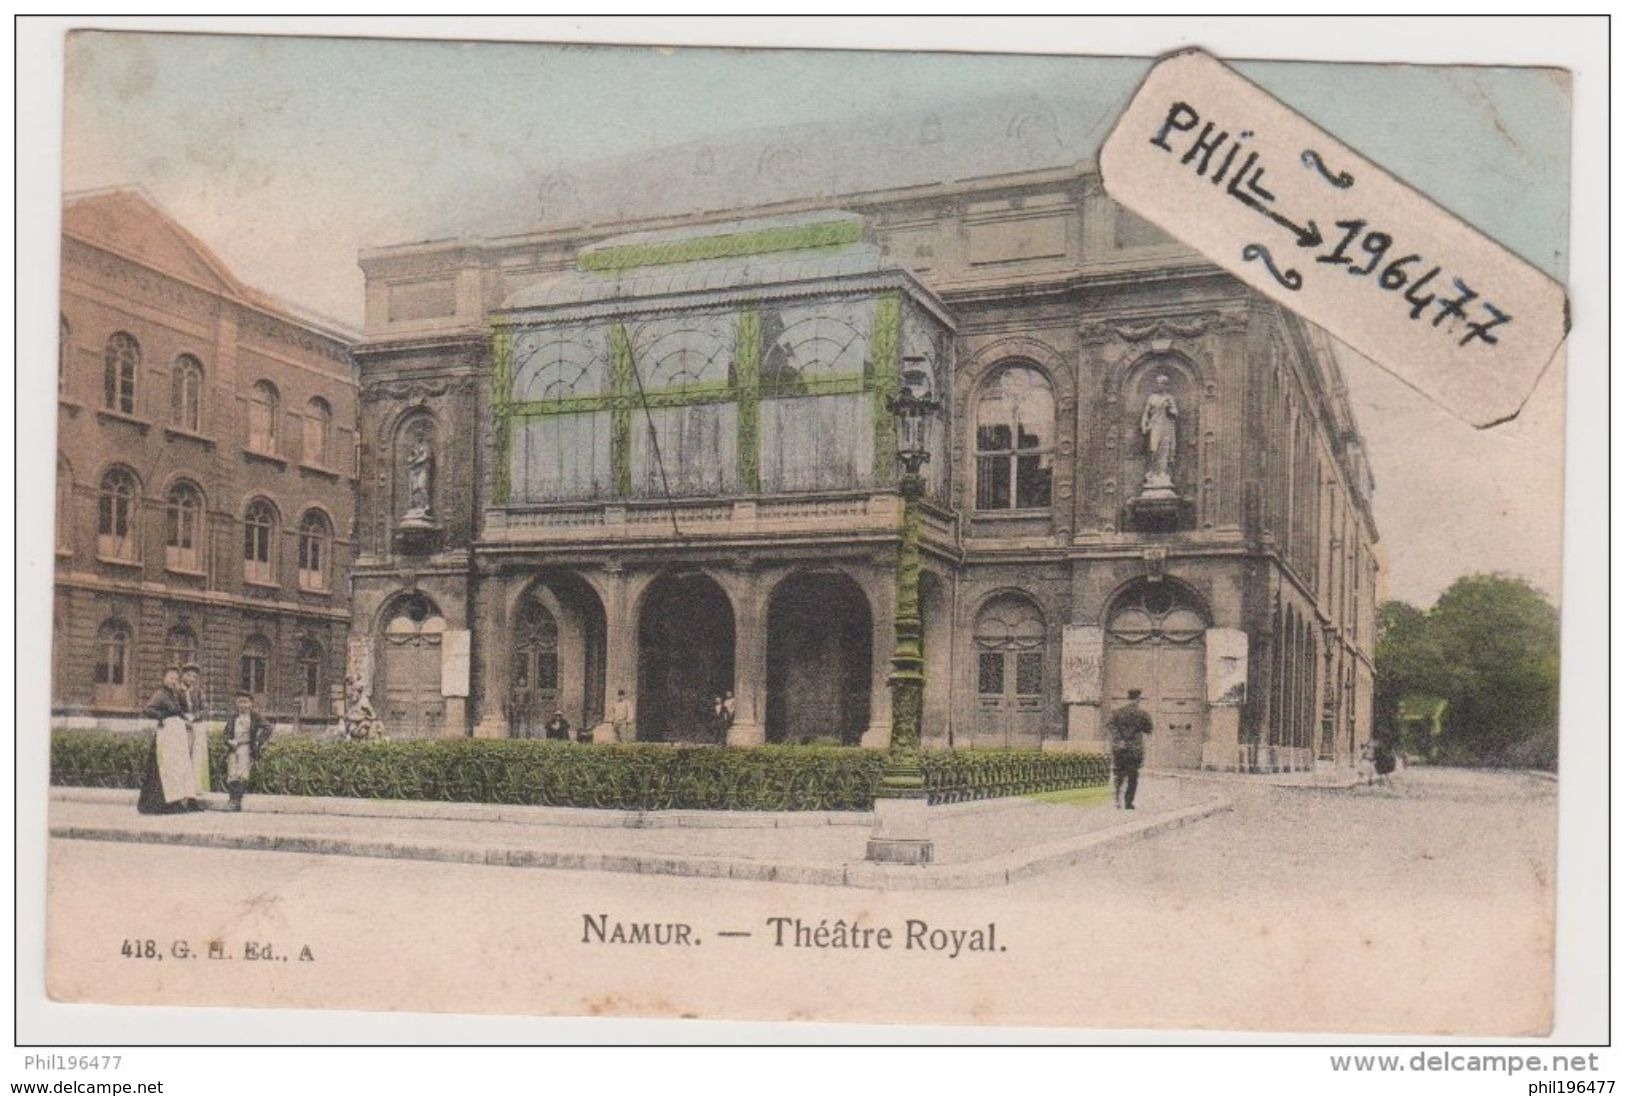 Namur - Cpa / Théâtre Royal. Circulé. - Namur